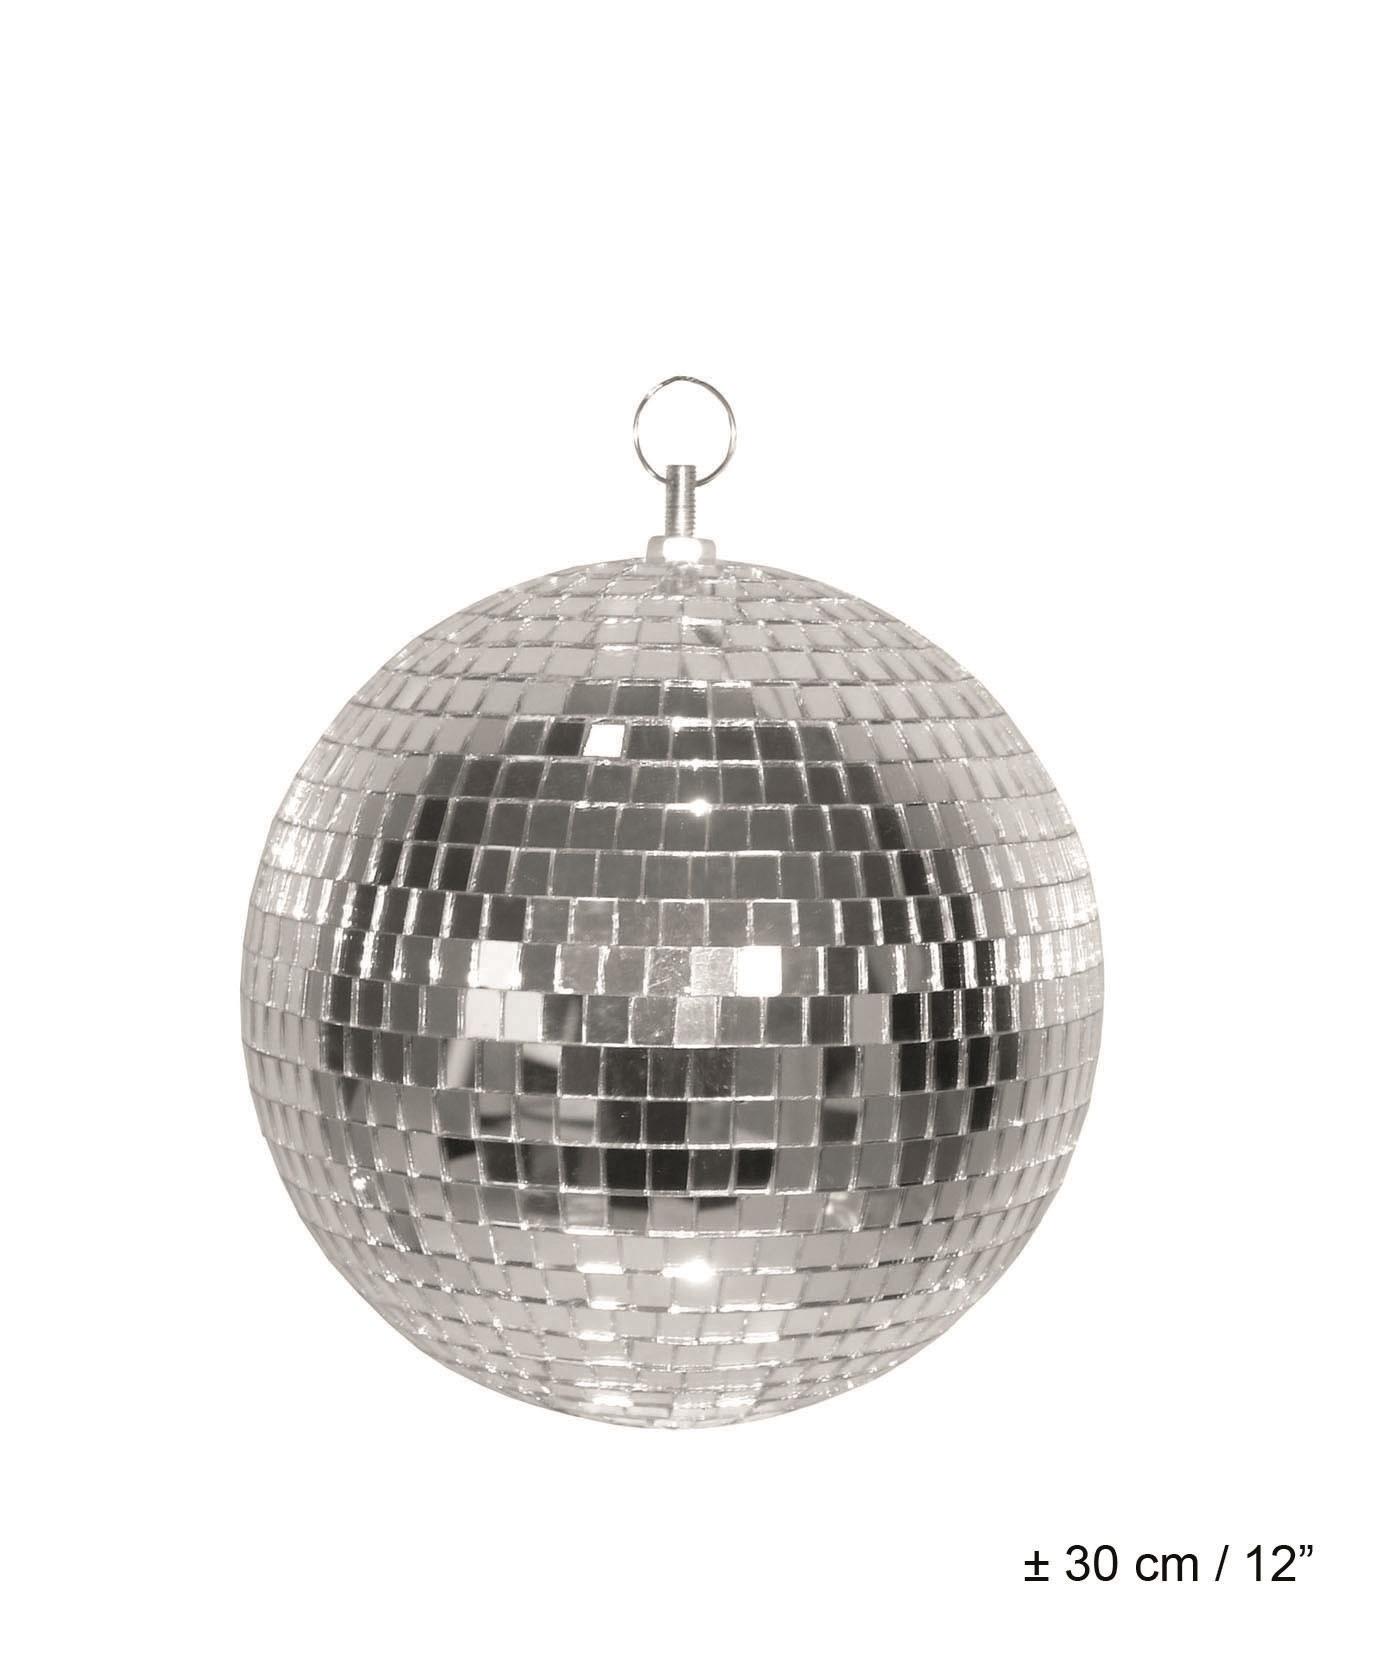 Spiegelkugel - Silber - 30 cm